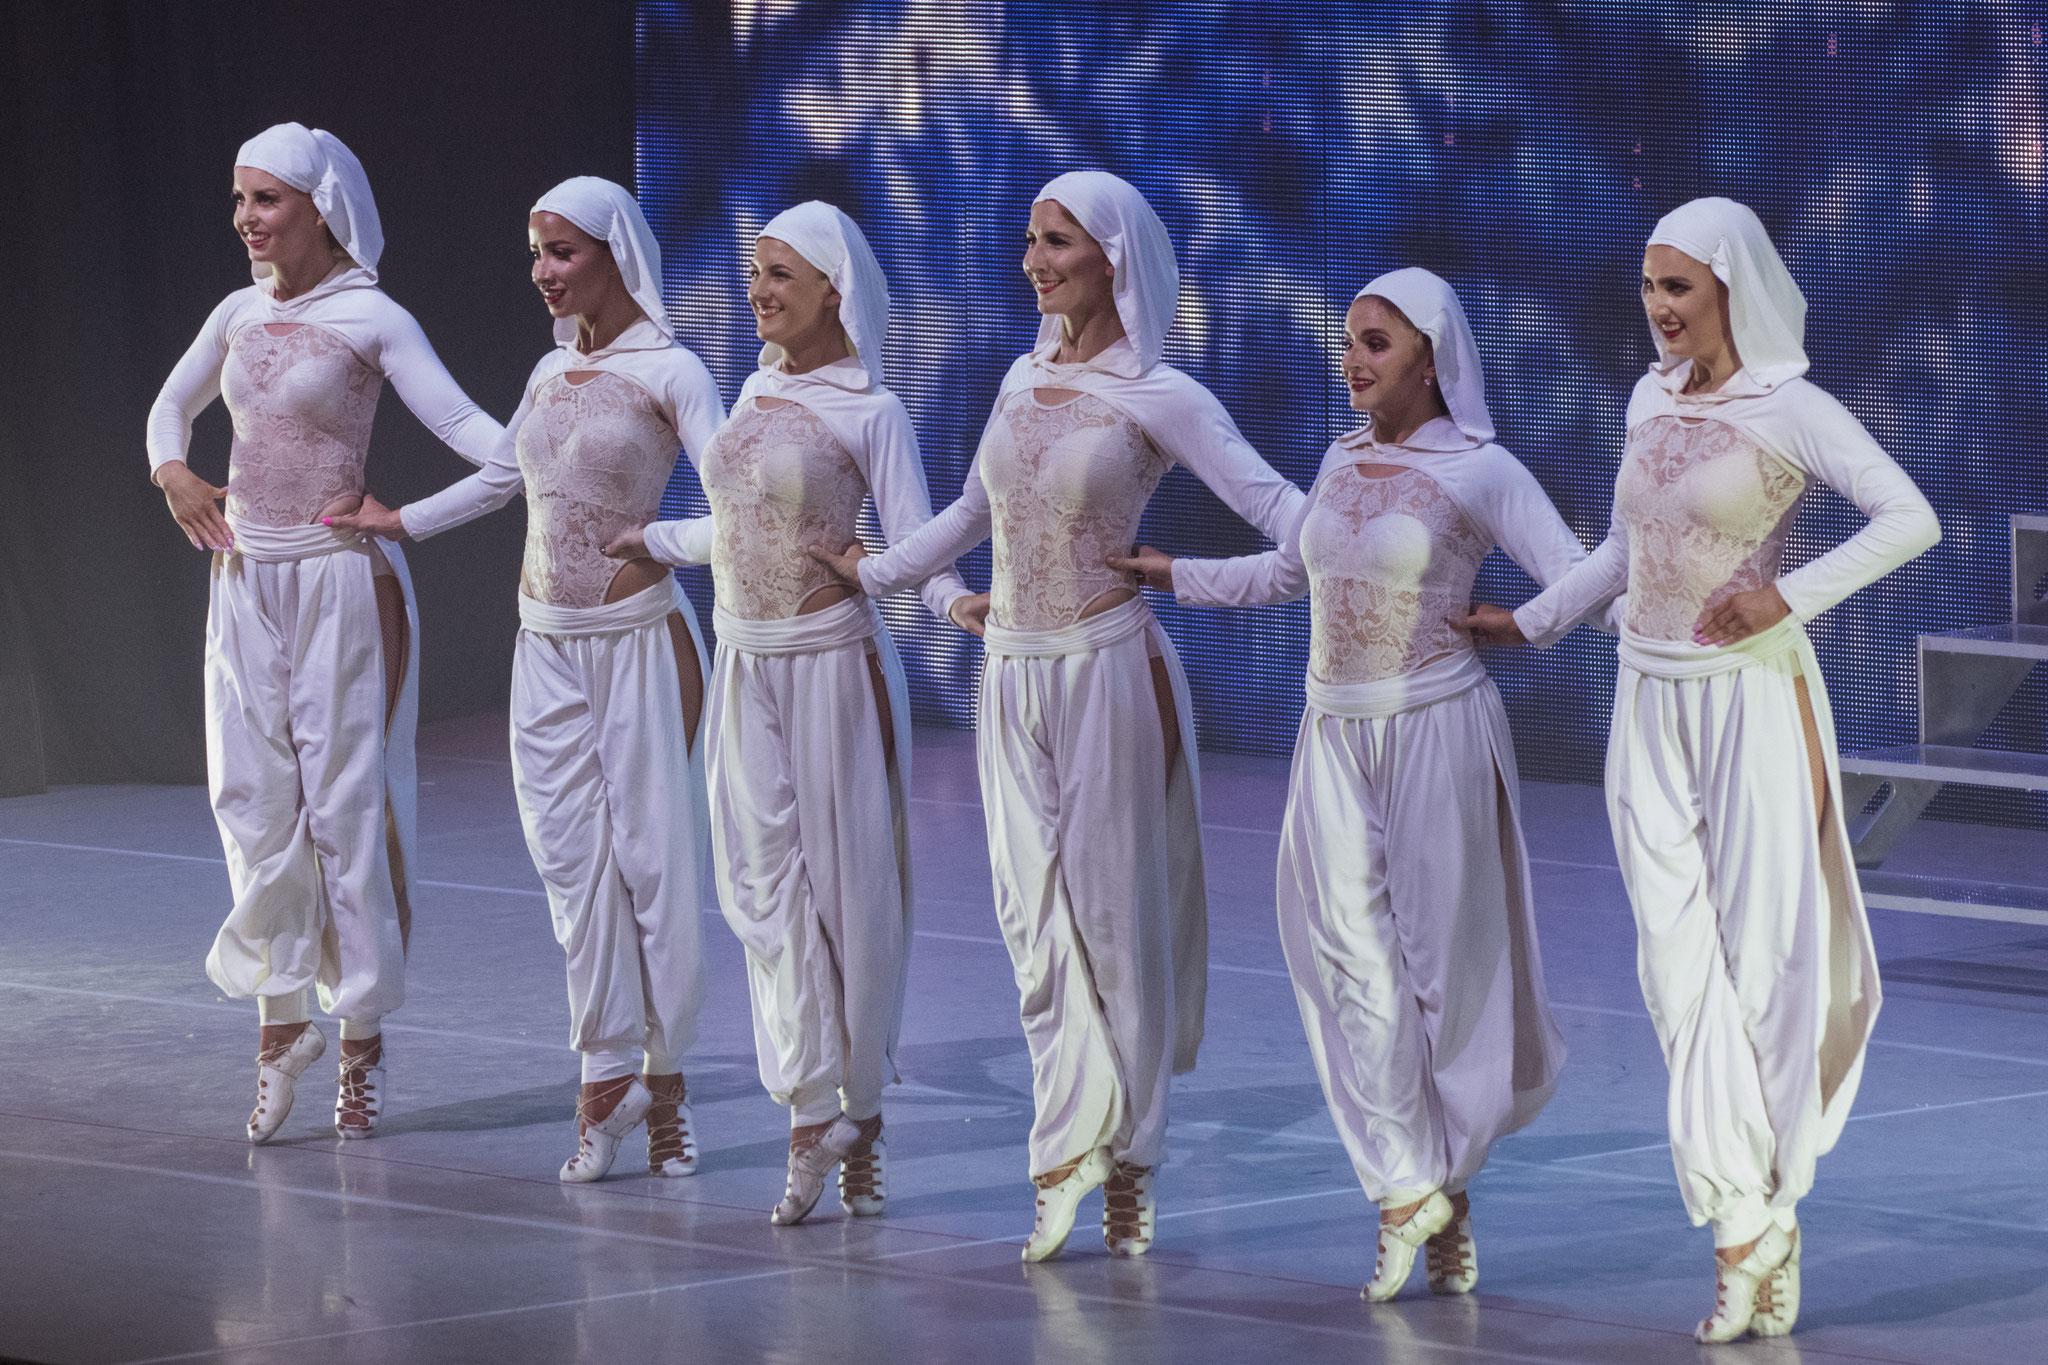 Morvay-Szabó Edina Éva (Romania) - The joy of dancing